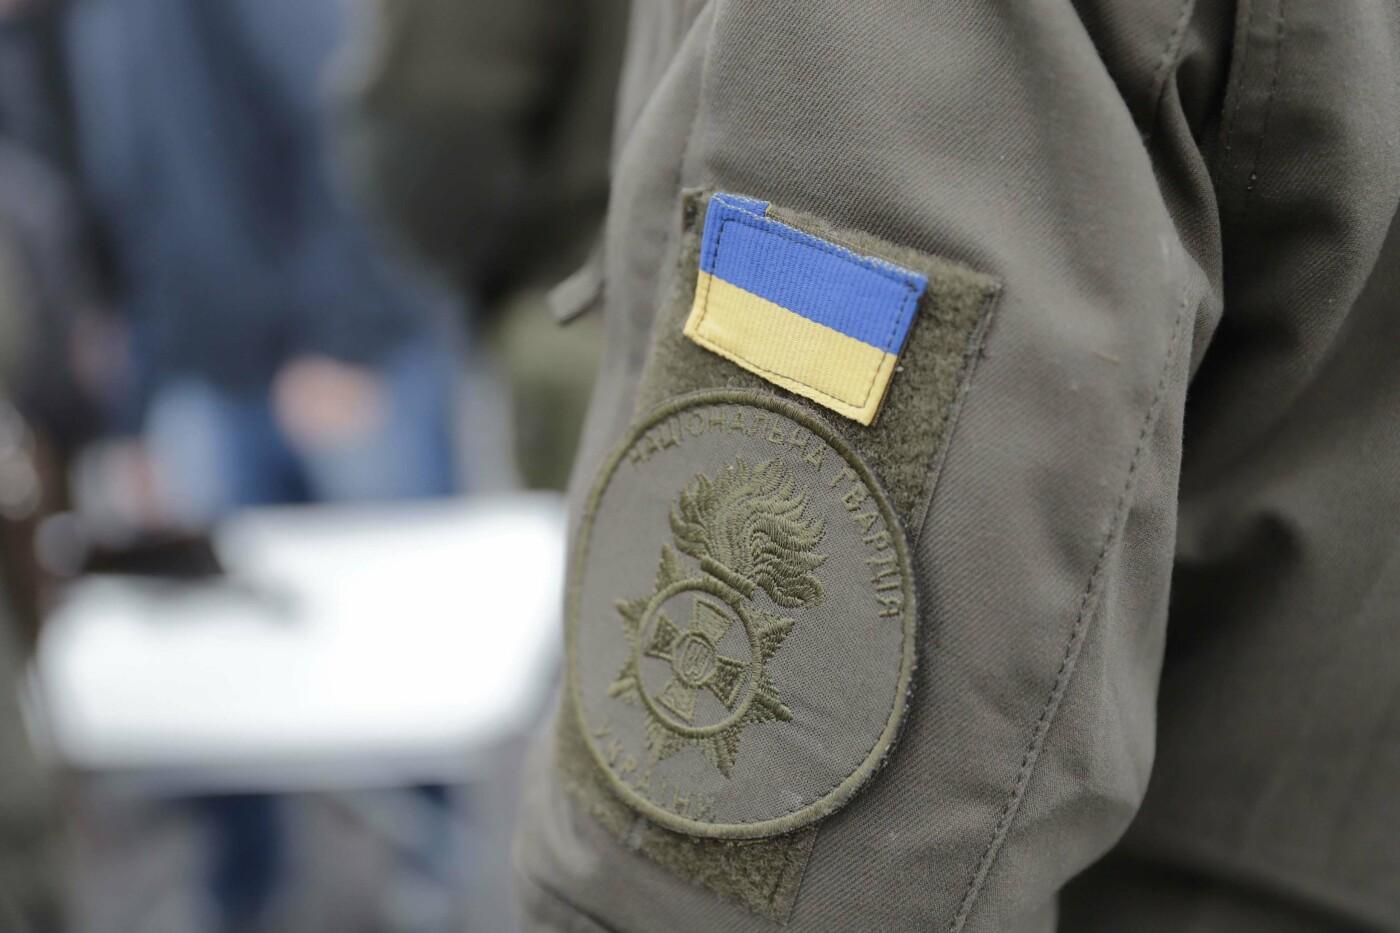 В Днепре ко Дню защитника Украины раздавали бумажные самолетики, фото-6